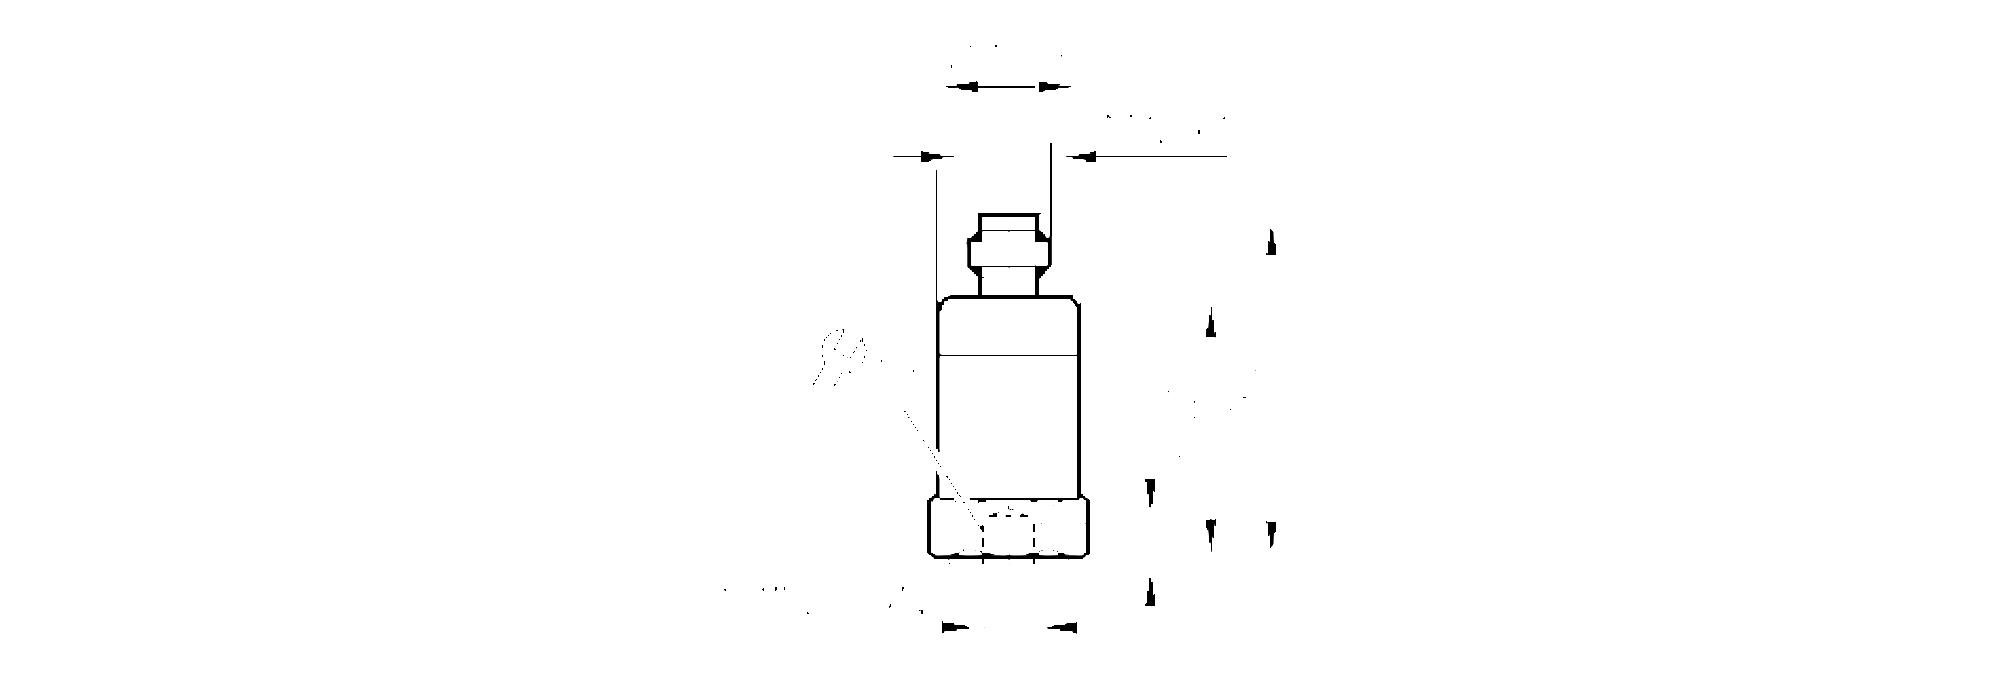 vsp001 - acceleration sensor